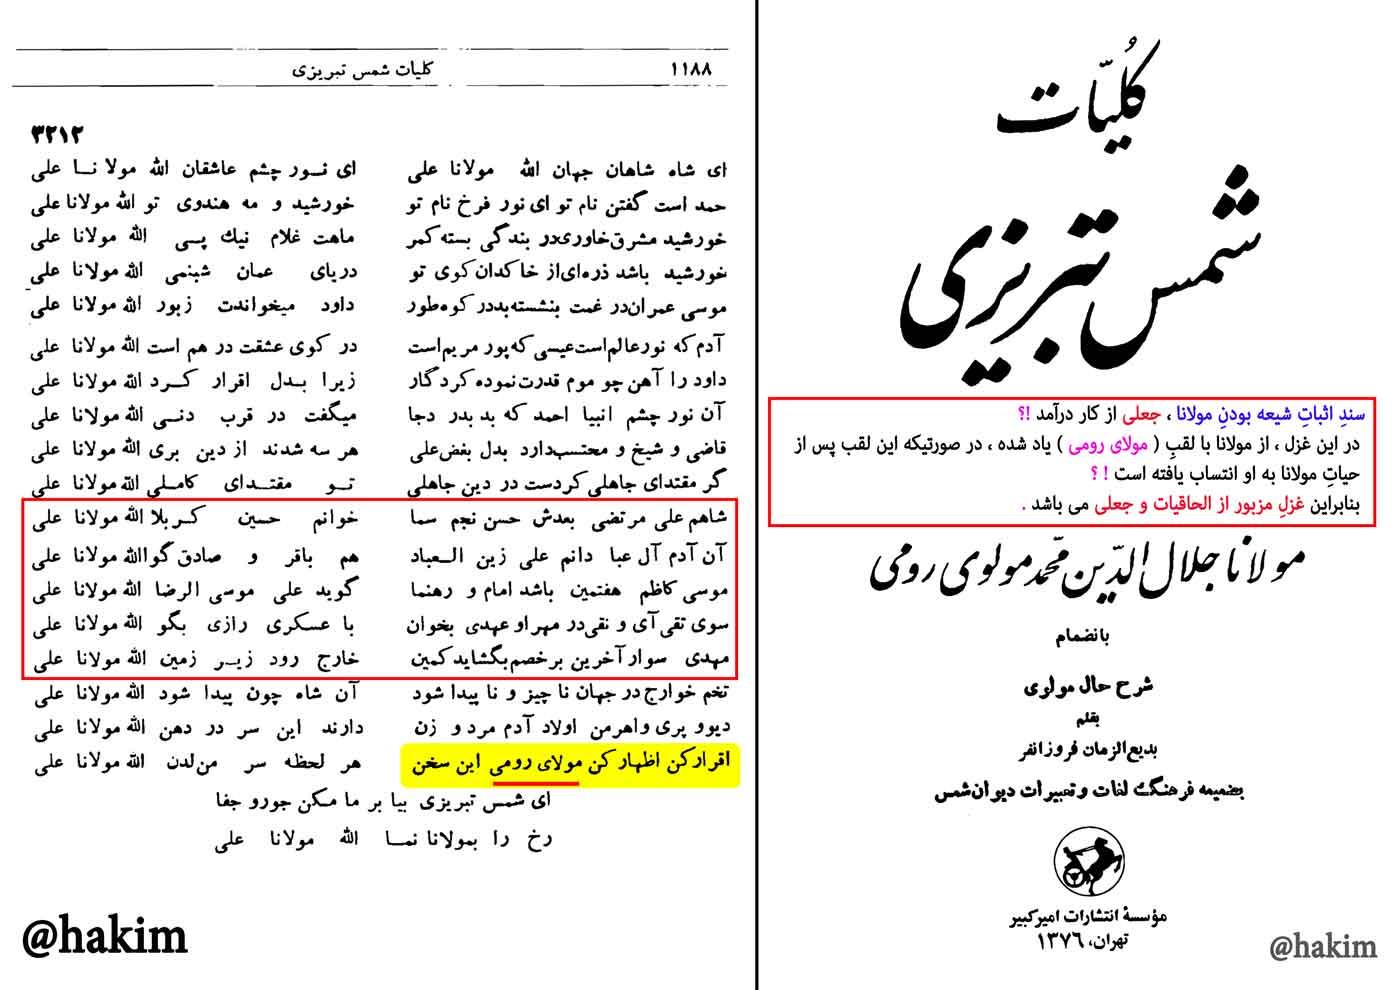 سند تشیع مولانا جعلی از کار درآمد